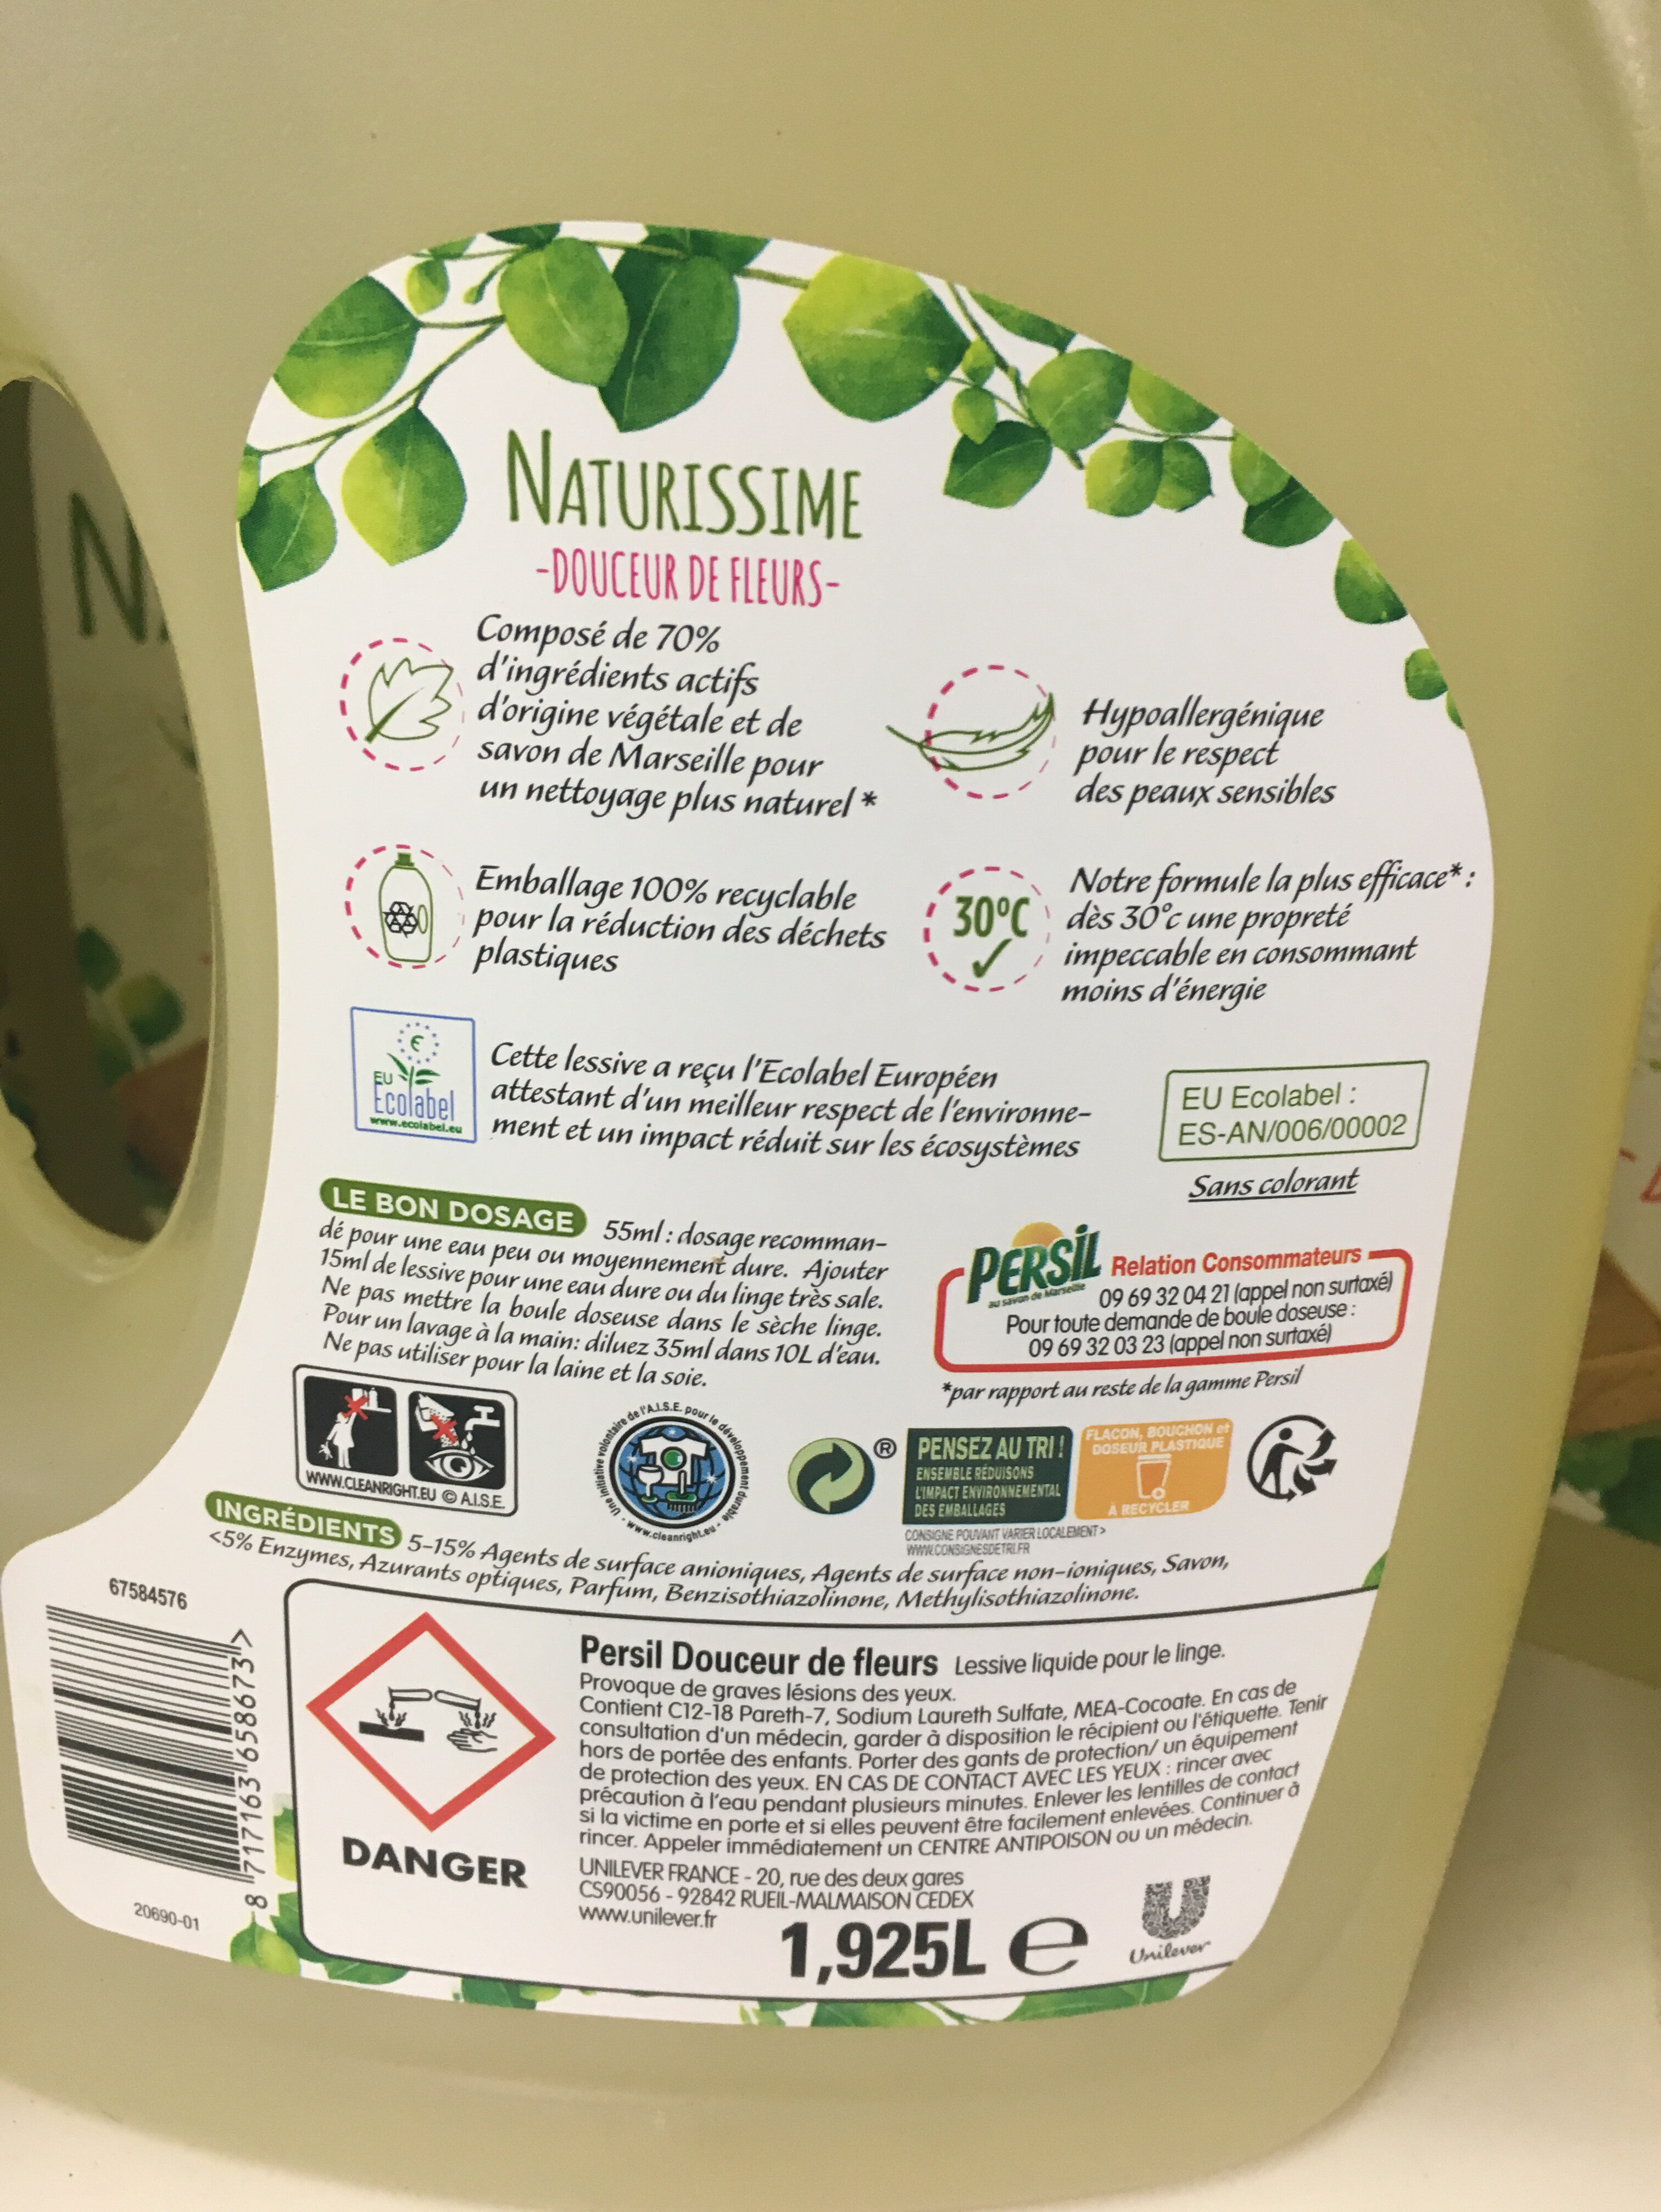 Persil Lessive Liquide Naturissime Douceur de Fleurs Écolabel Hypoallergénique 1,92l 35 Lavages - Ingredients - fr